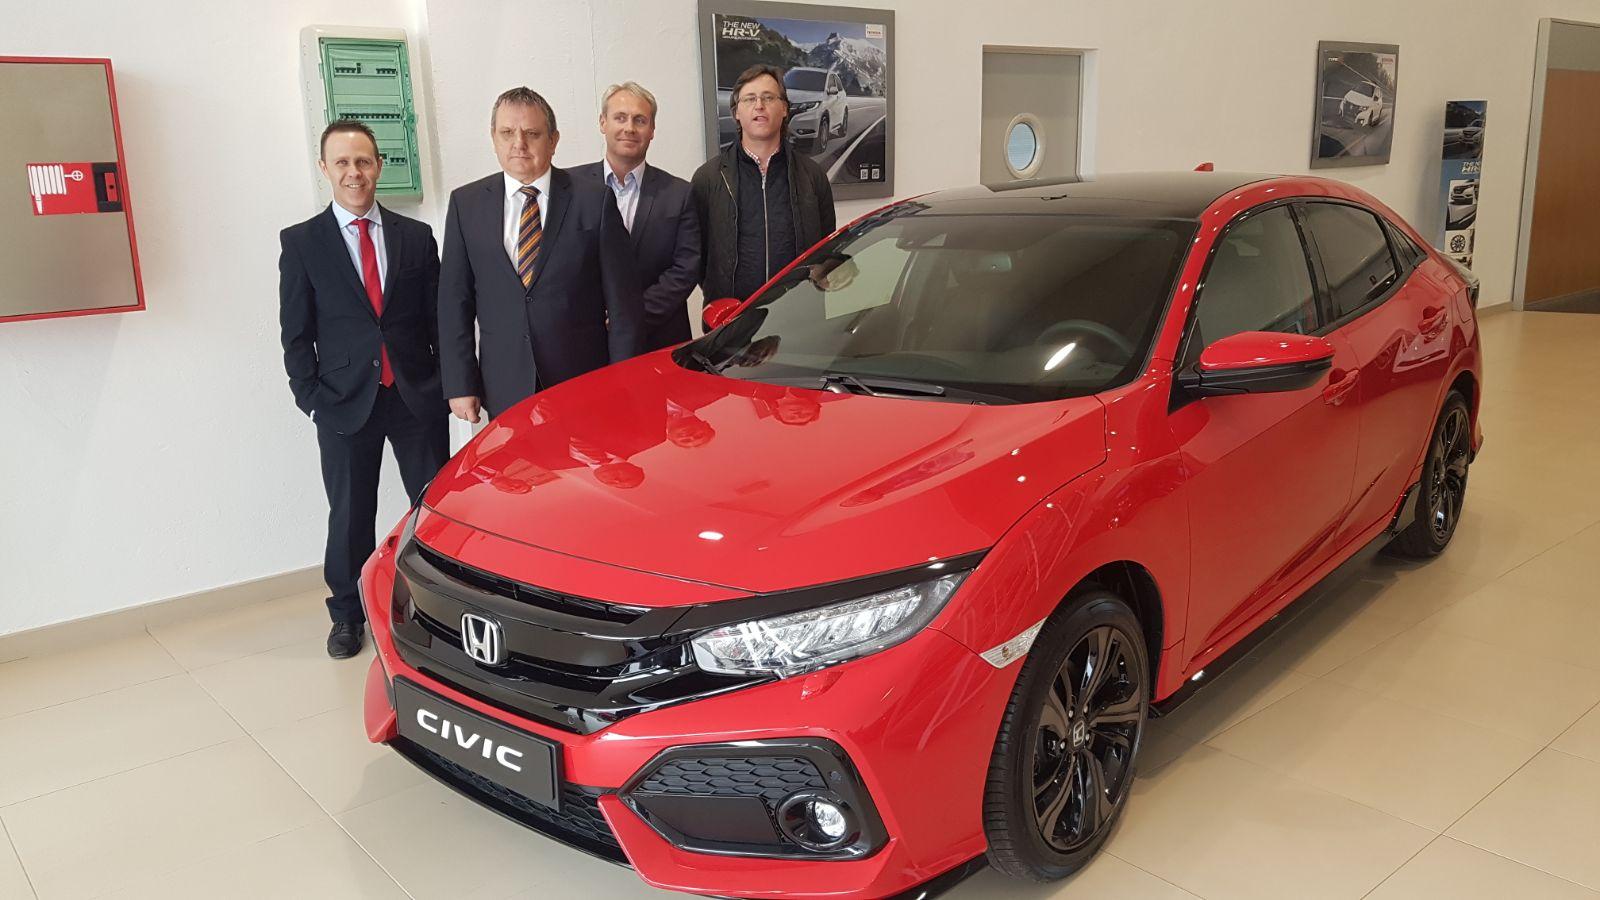 Agritrasa Automoción presentó el Nuevo Honda Civic 5 puertas